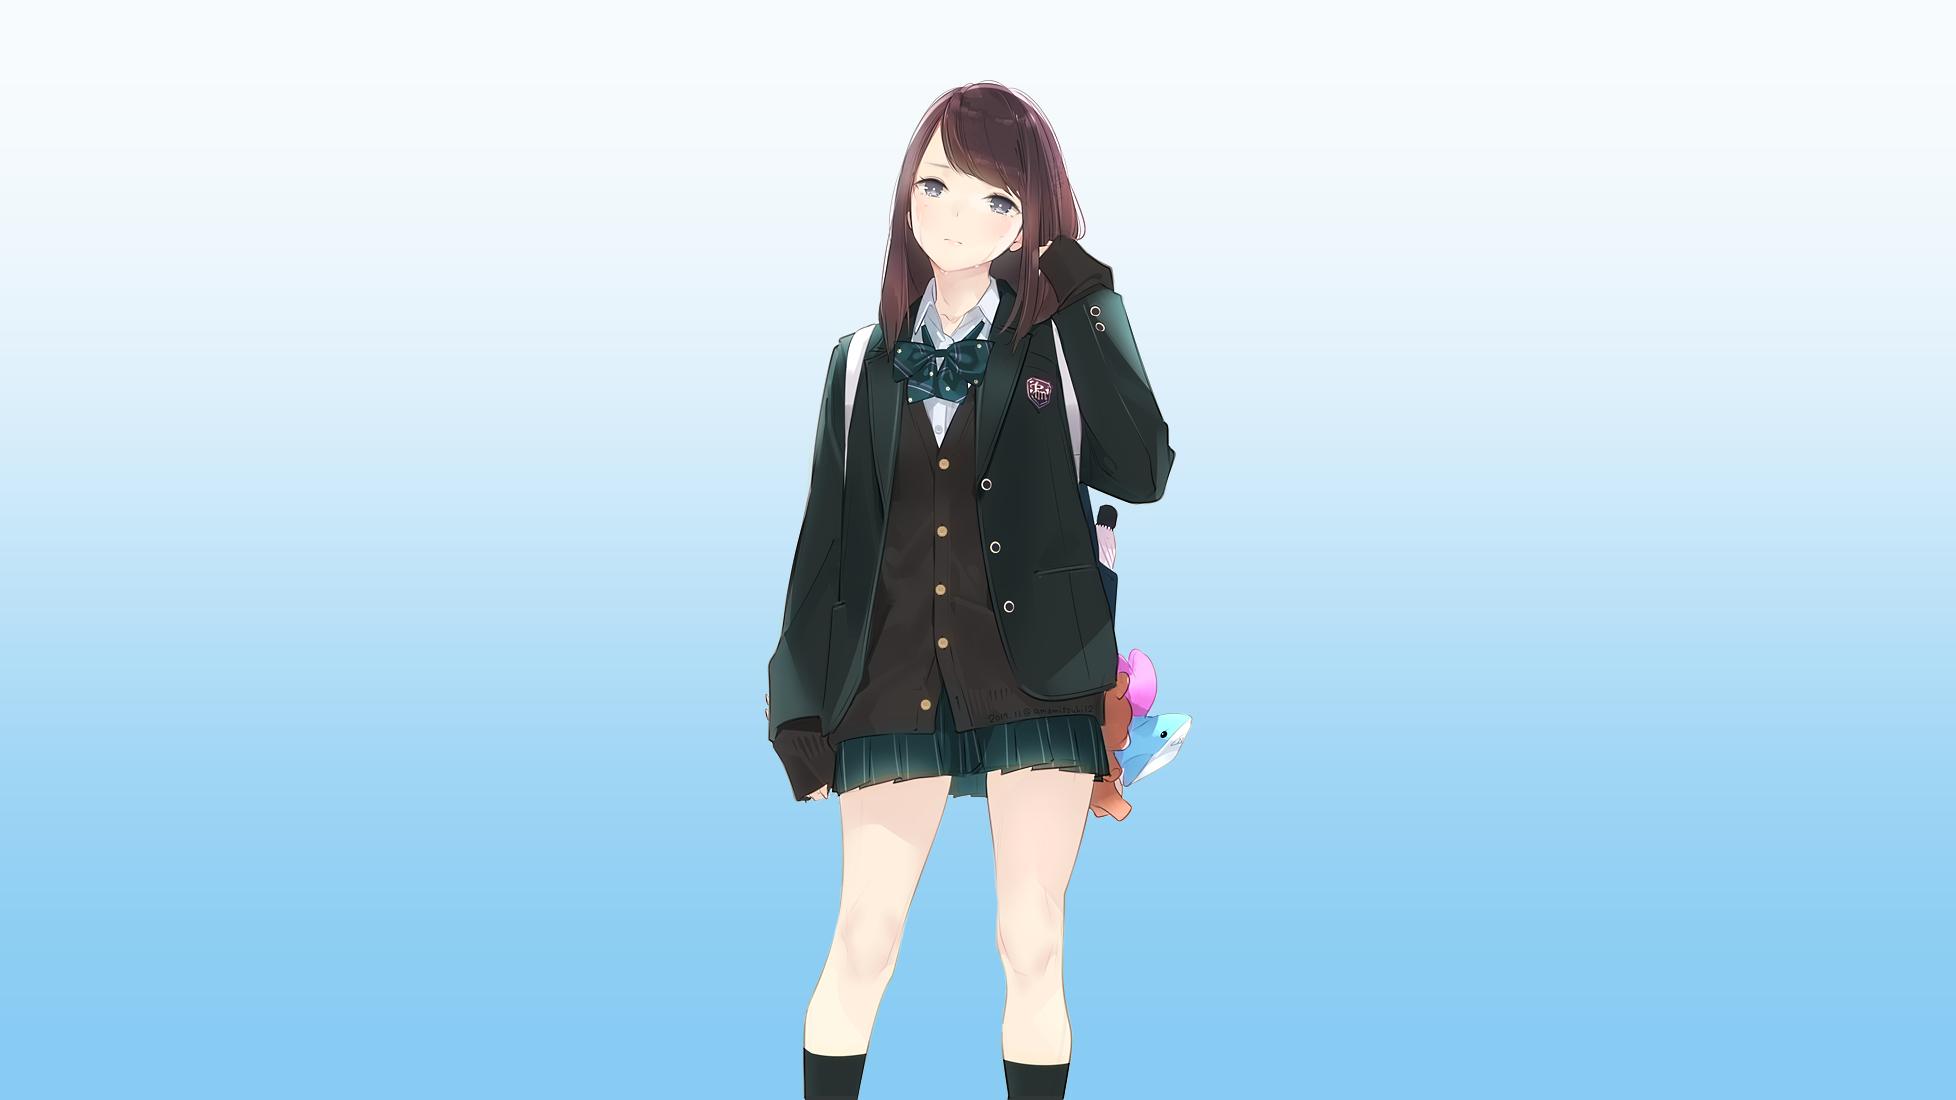 デスクトップ壁紙 アニメの女の子 元の文字 女子高生 学生服